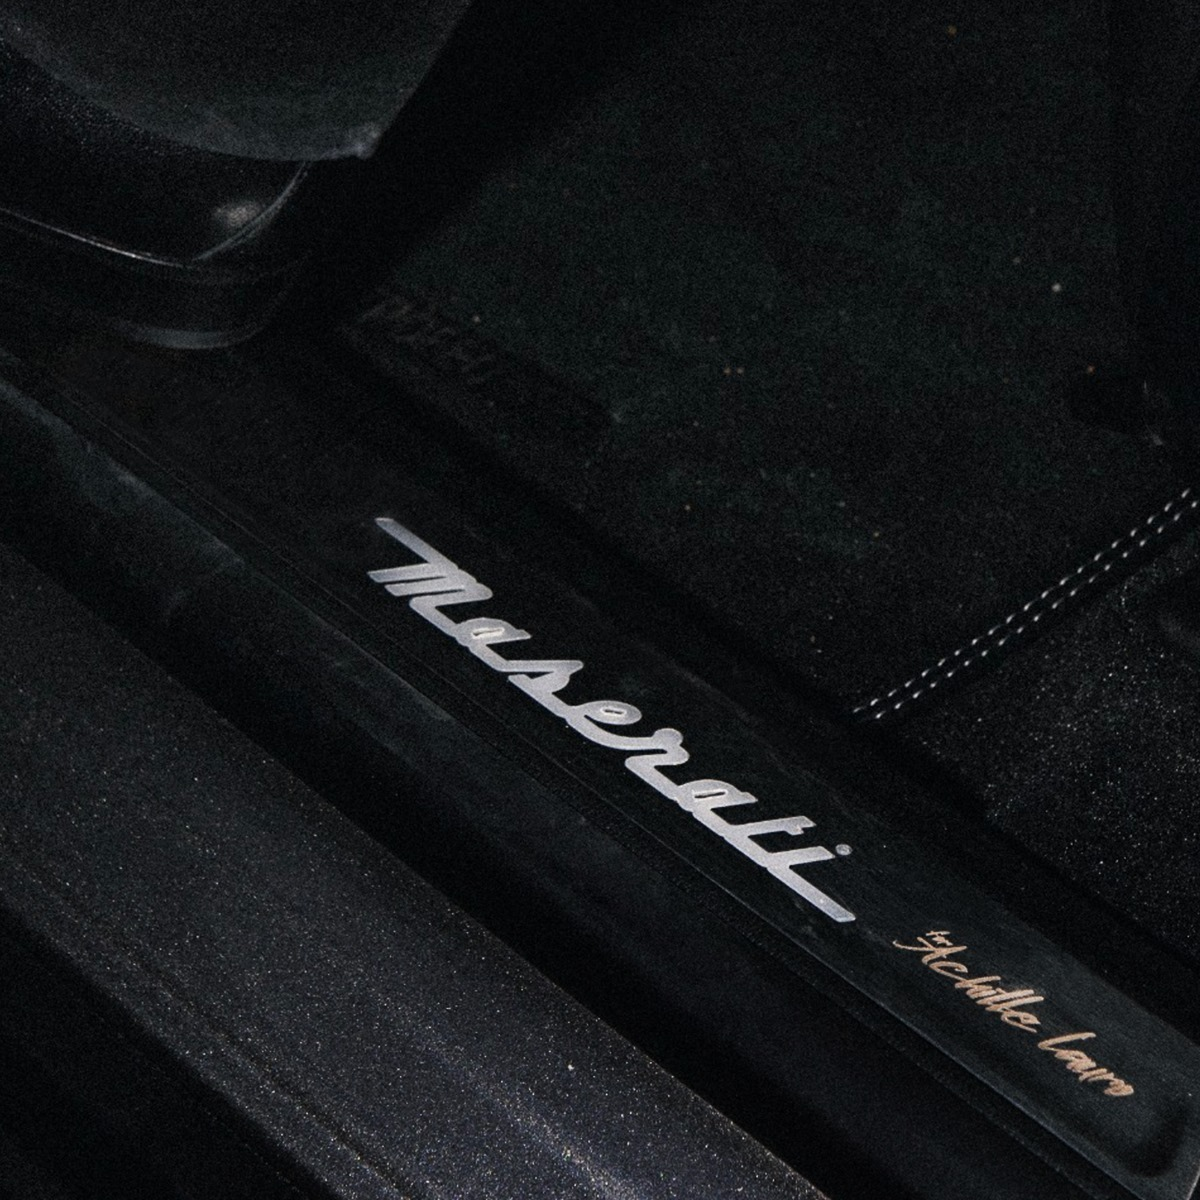 Maserati Levante Trofeo Achille Lauro